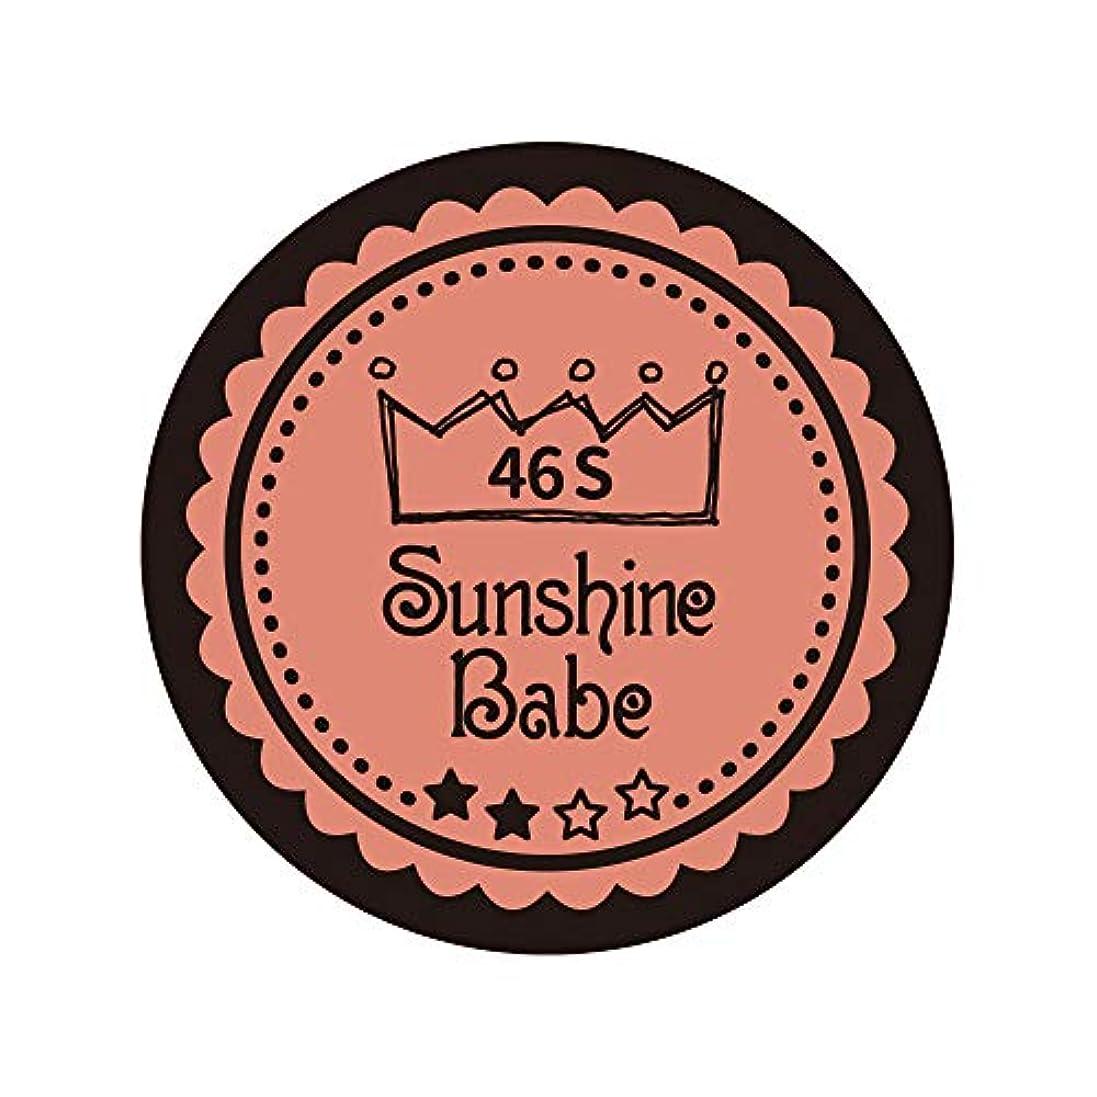 人気入植者手当Sunshine Babe カラージェル 46S ピンクベージュ 2.7g UV/LED対応